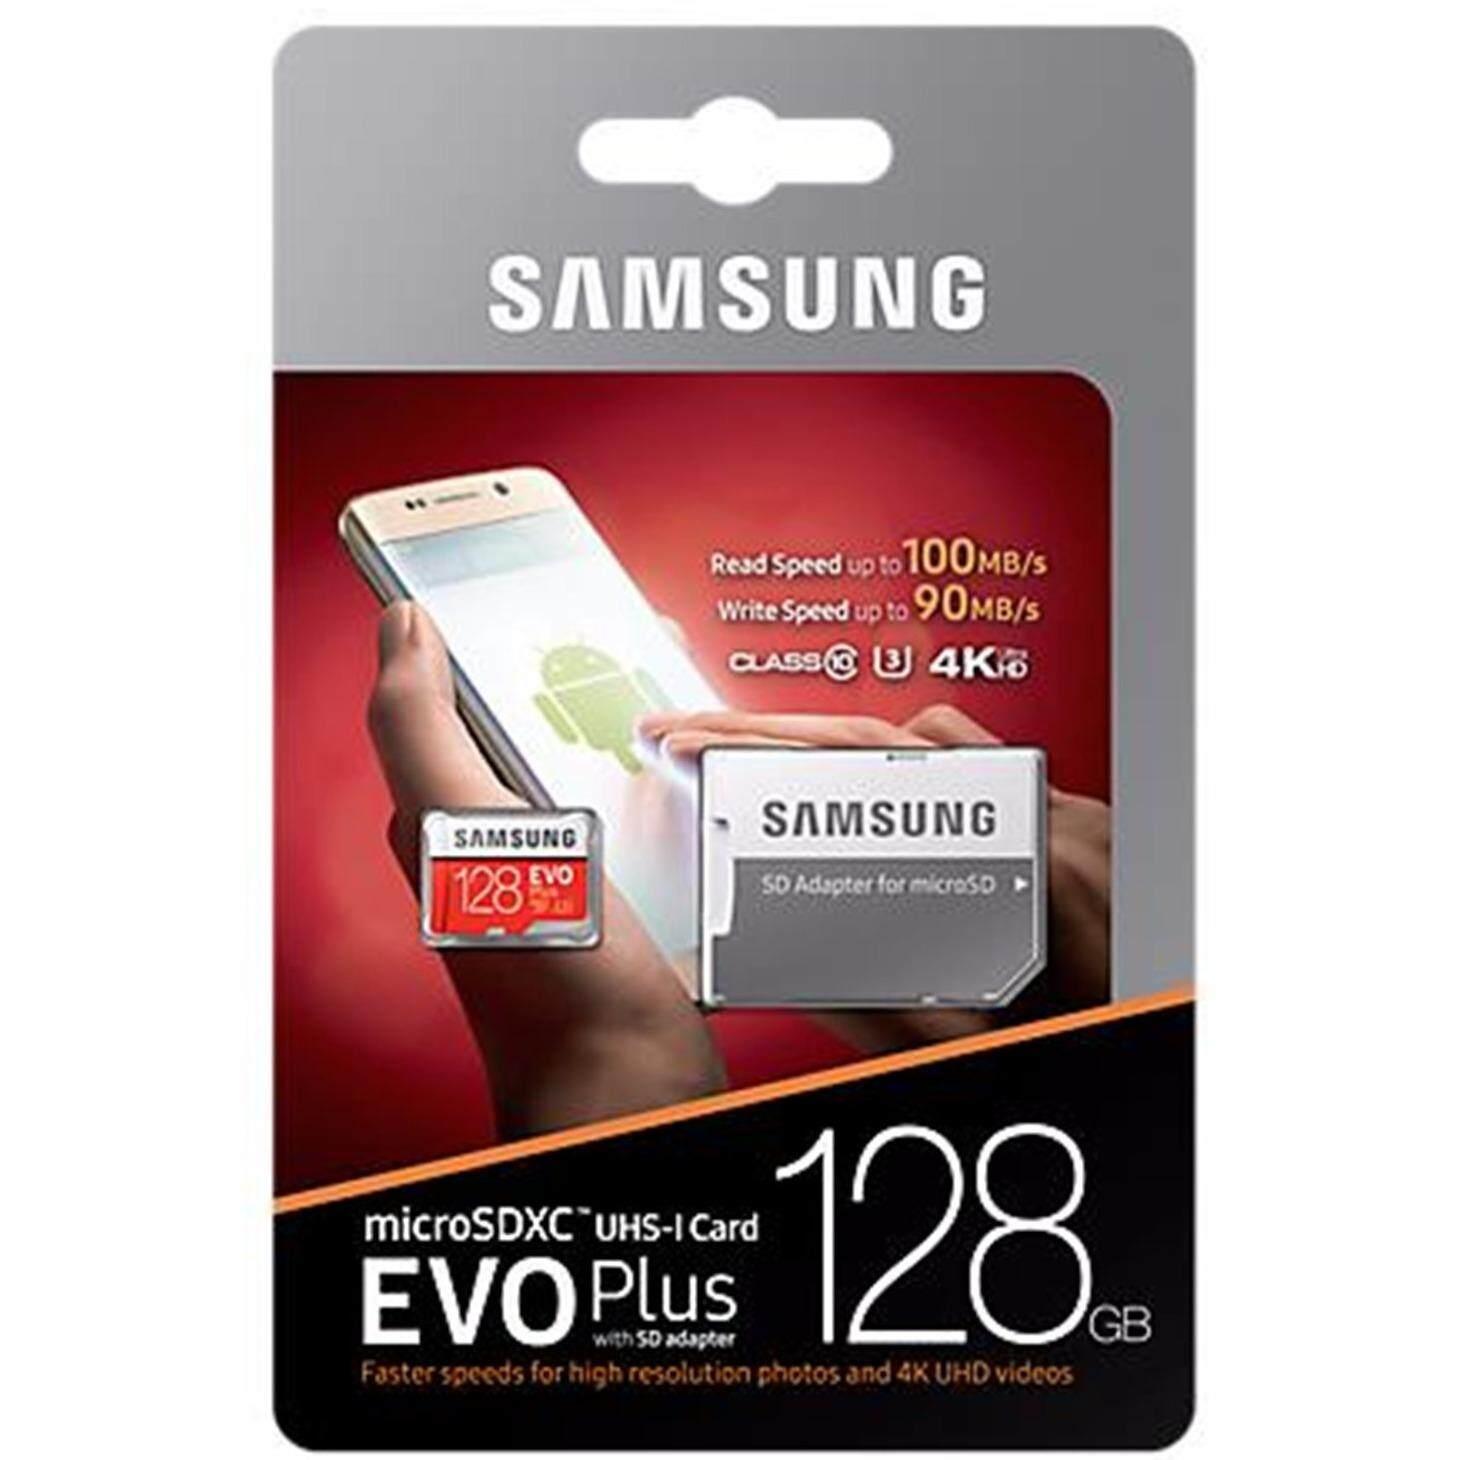 ซื้อ Samsung Memory Card Evo Plus Micro Sdhc 128 Gb Class 10 เมมโมรี่การ์ด Sd Card ใหม่